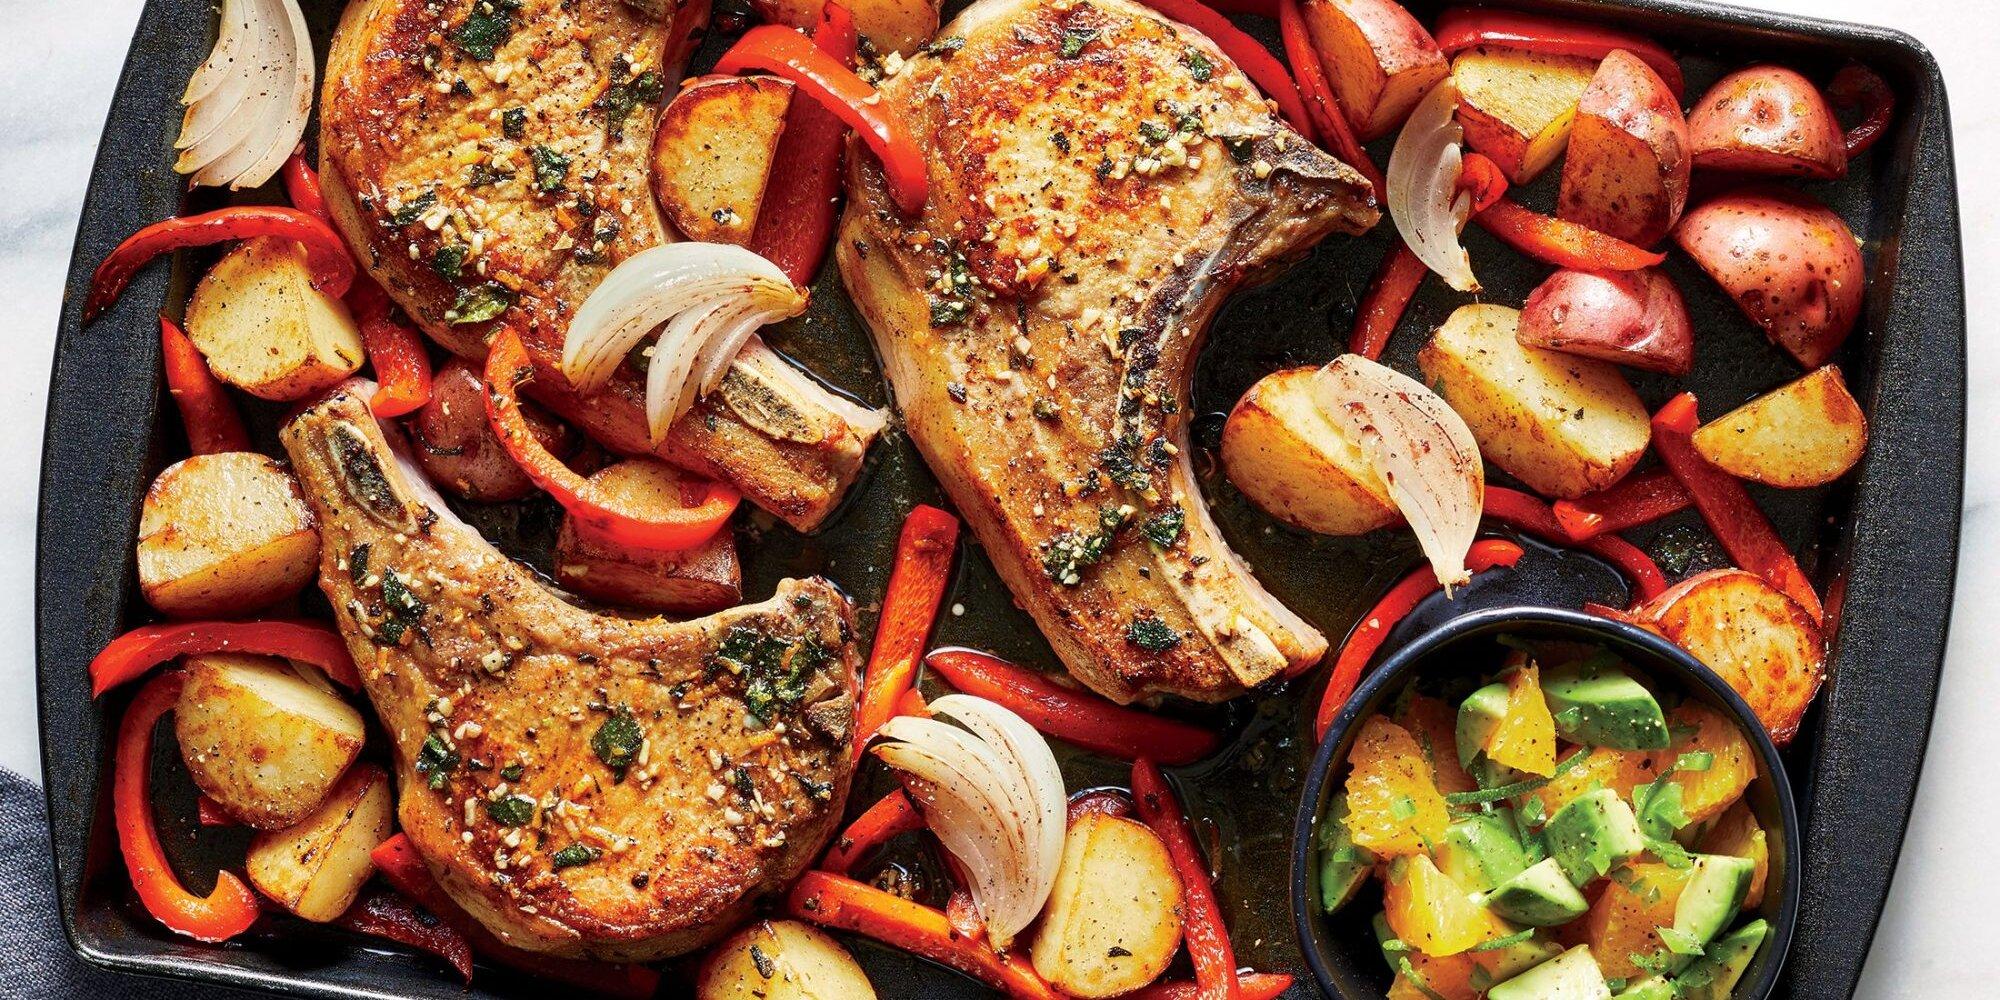 Pork Chops with Orange-Avocado Salsa Recipe | Cooking Light